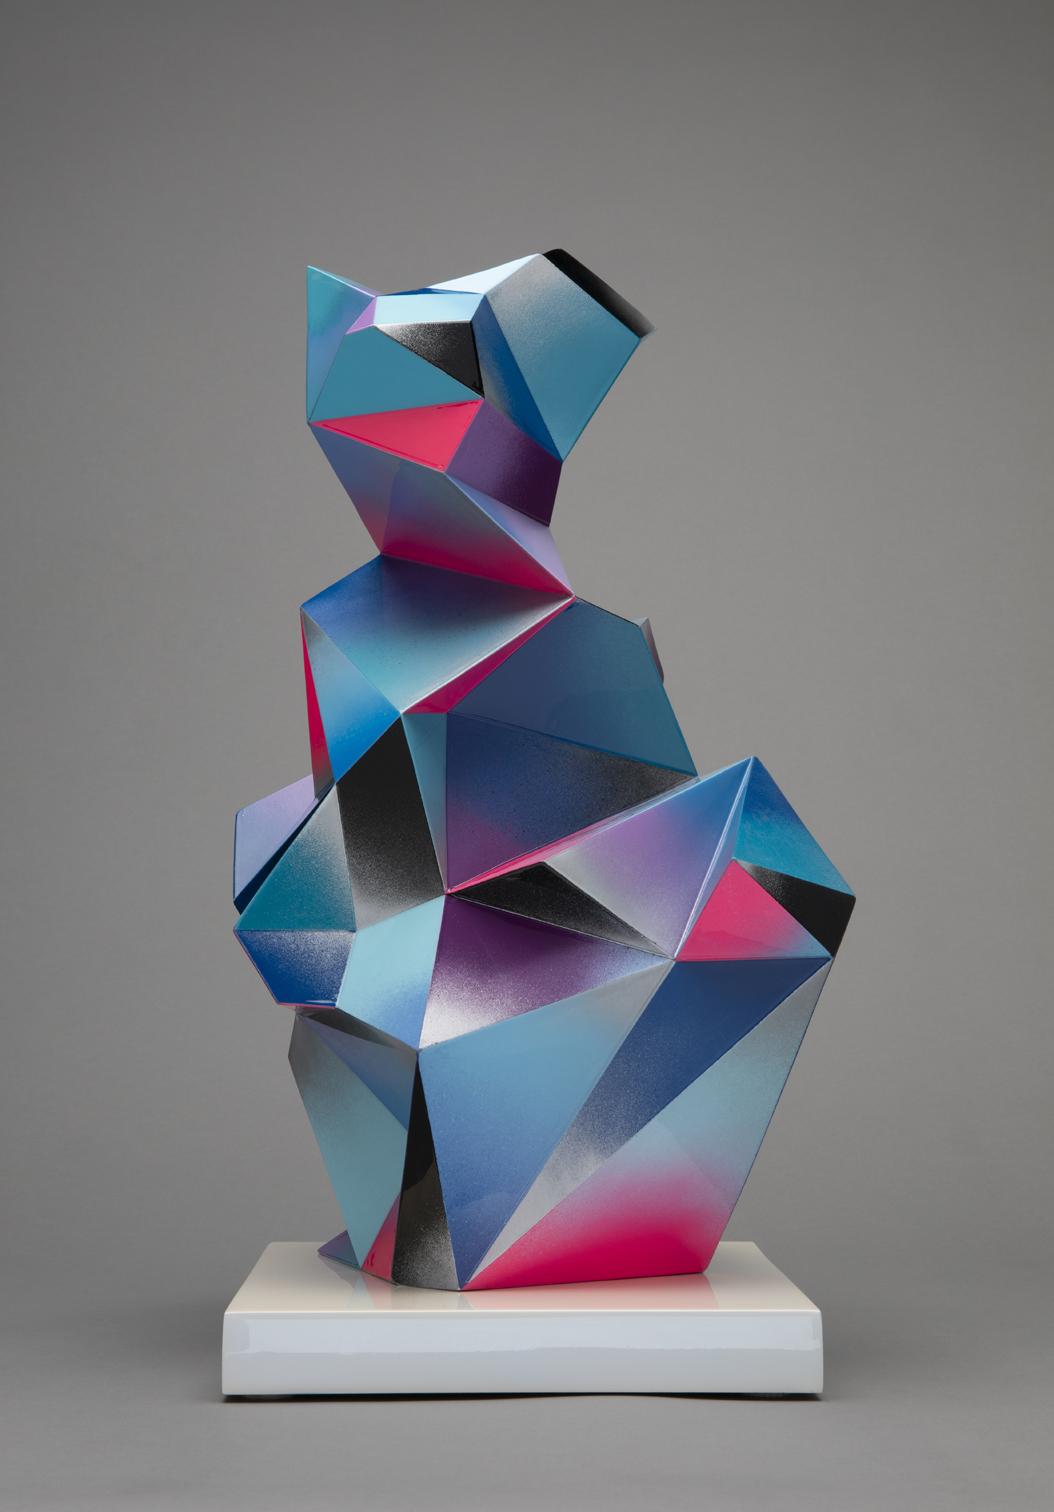 Jud-18-11-03-colored-sculpture_01-view-4-102-WIP-01.jpg